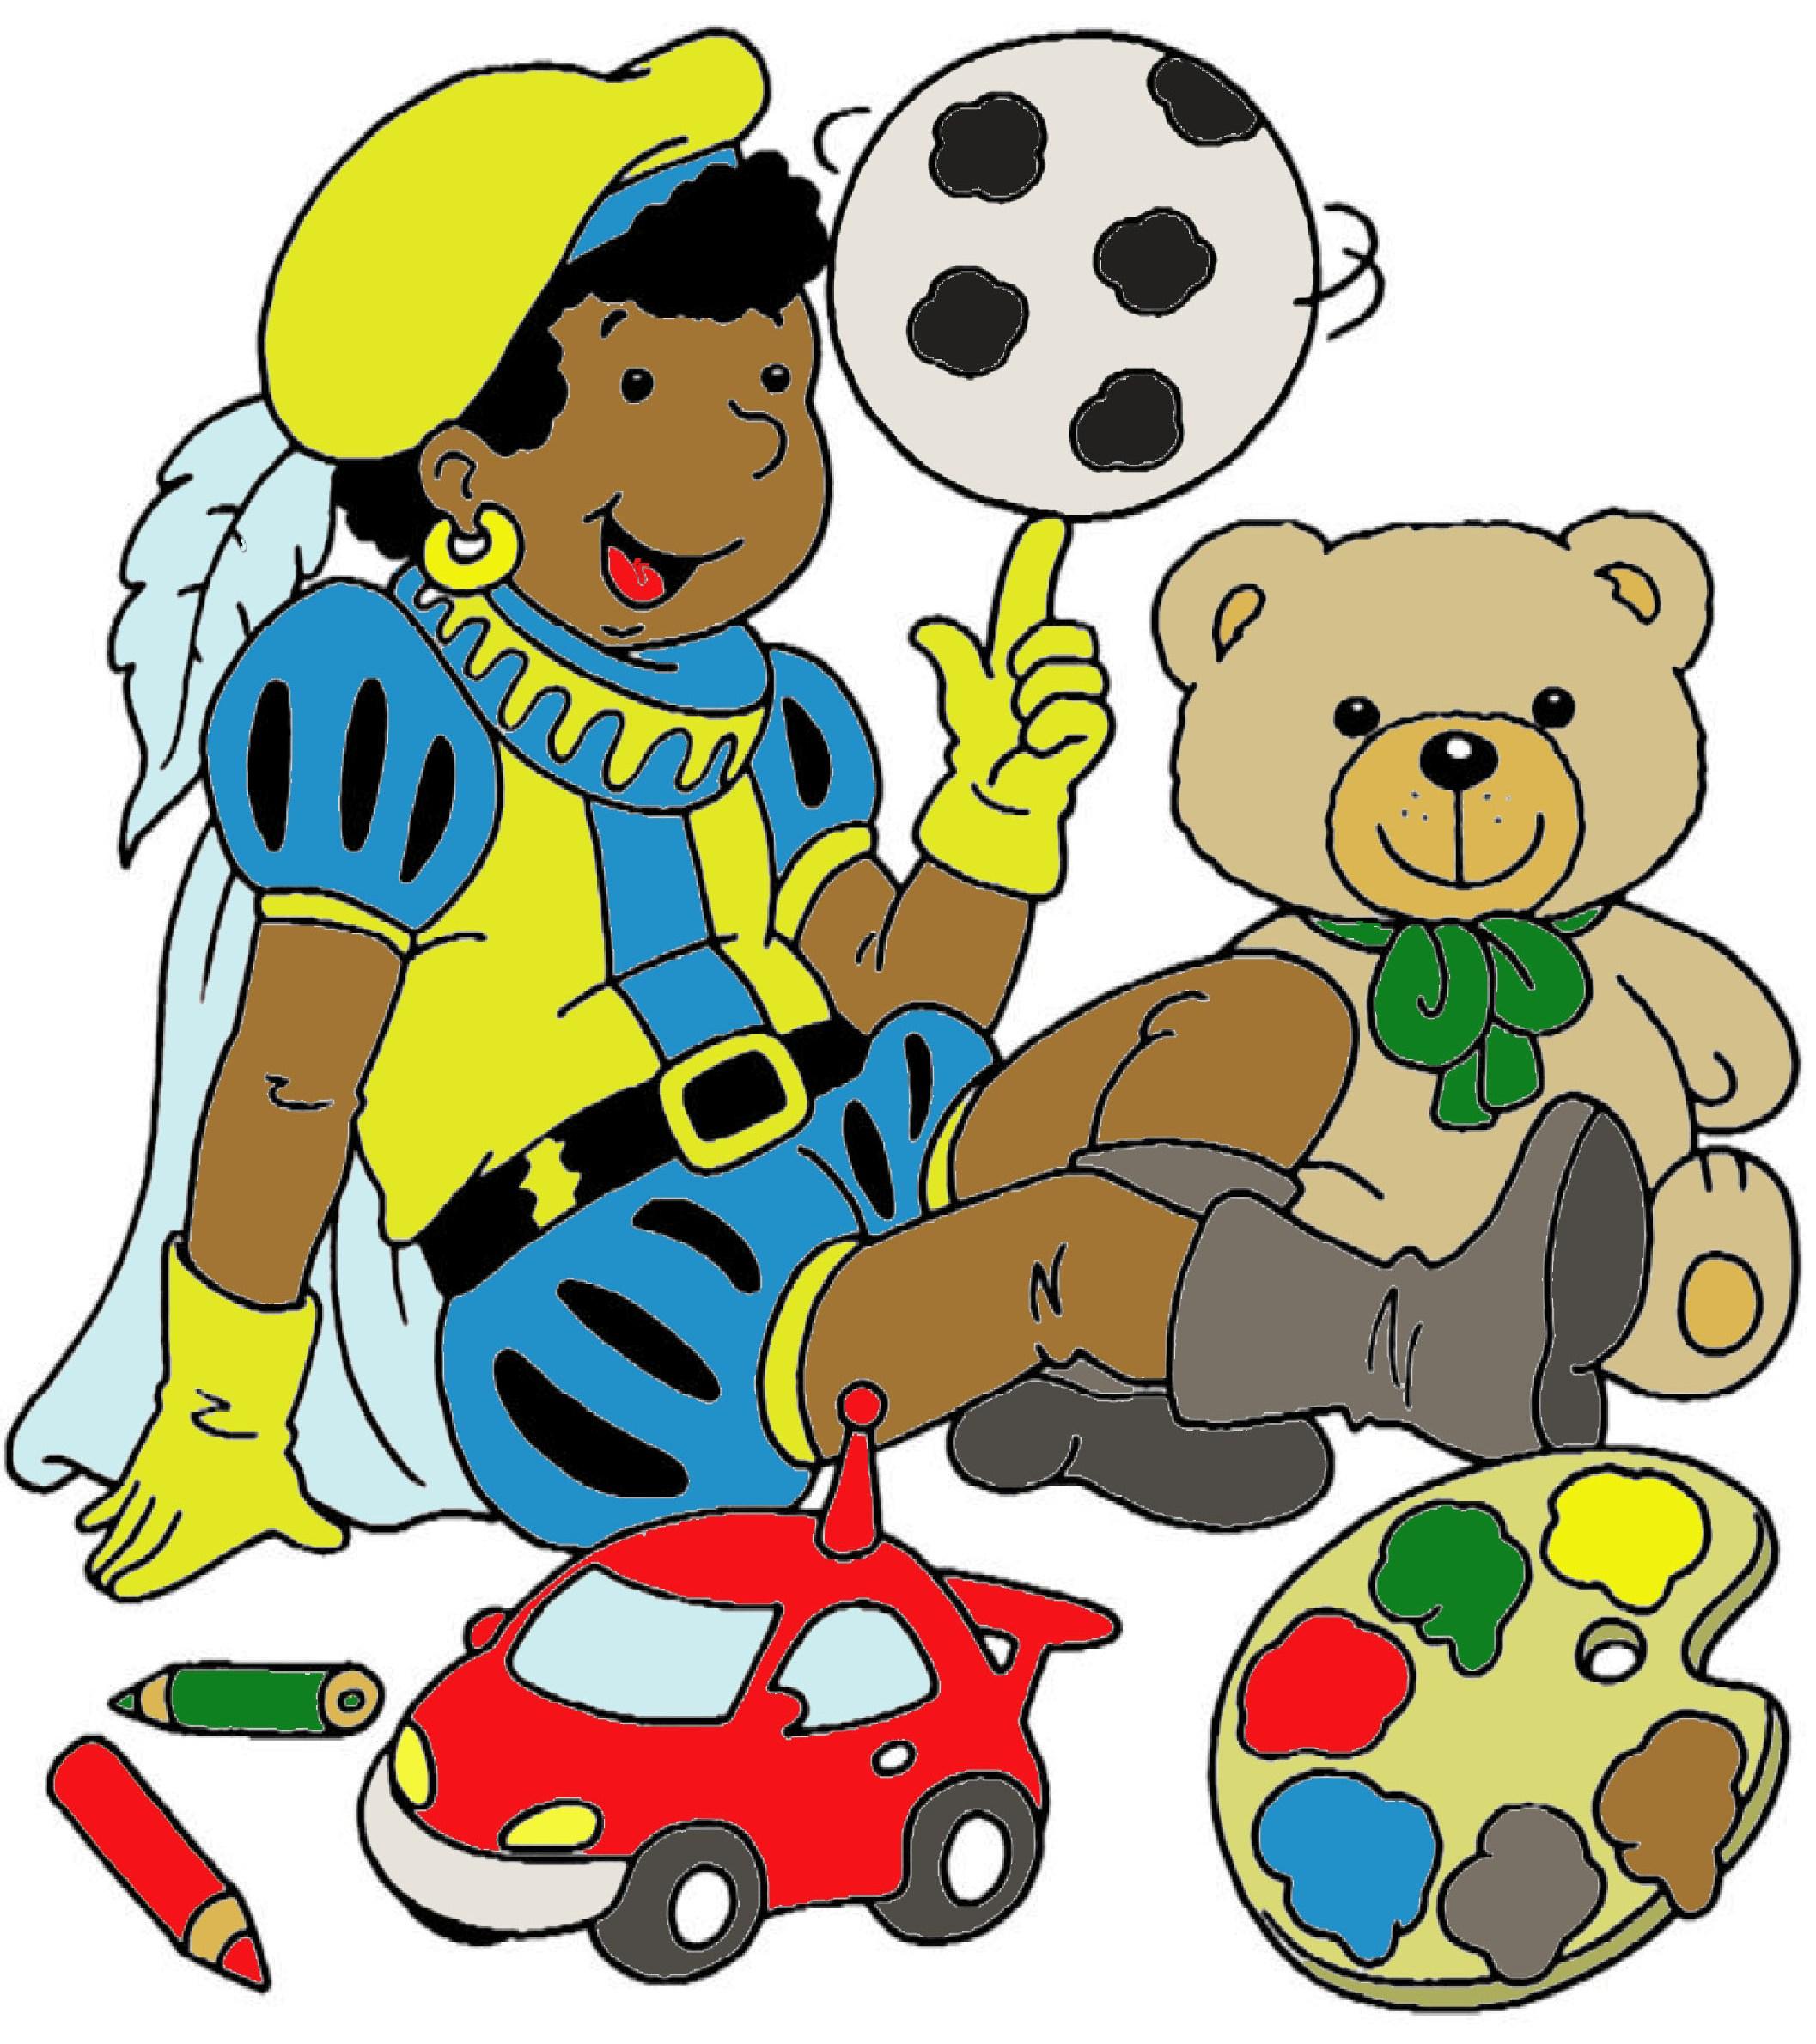 Kleurplaten Voetbal Piet.Kleurplaat Zwarte Piet Robinkopie Voetbal Vereniging Veenendaal